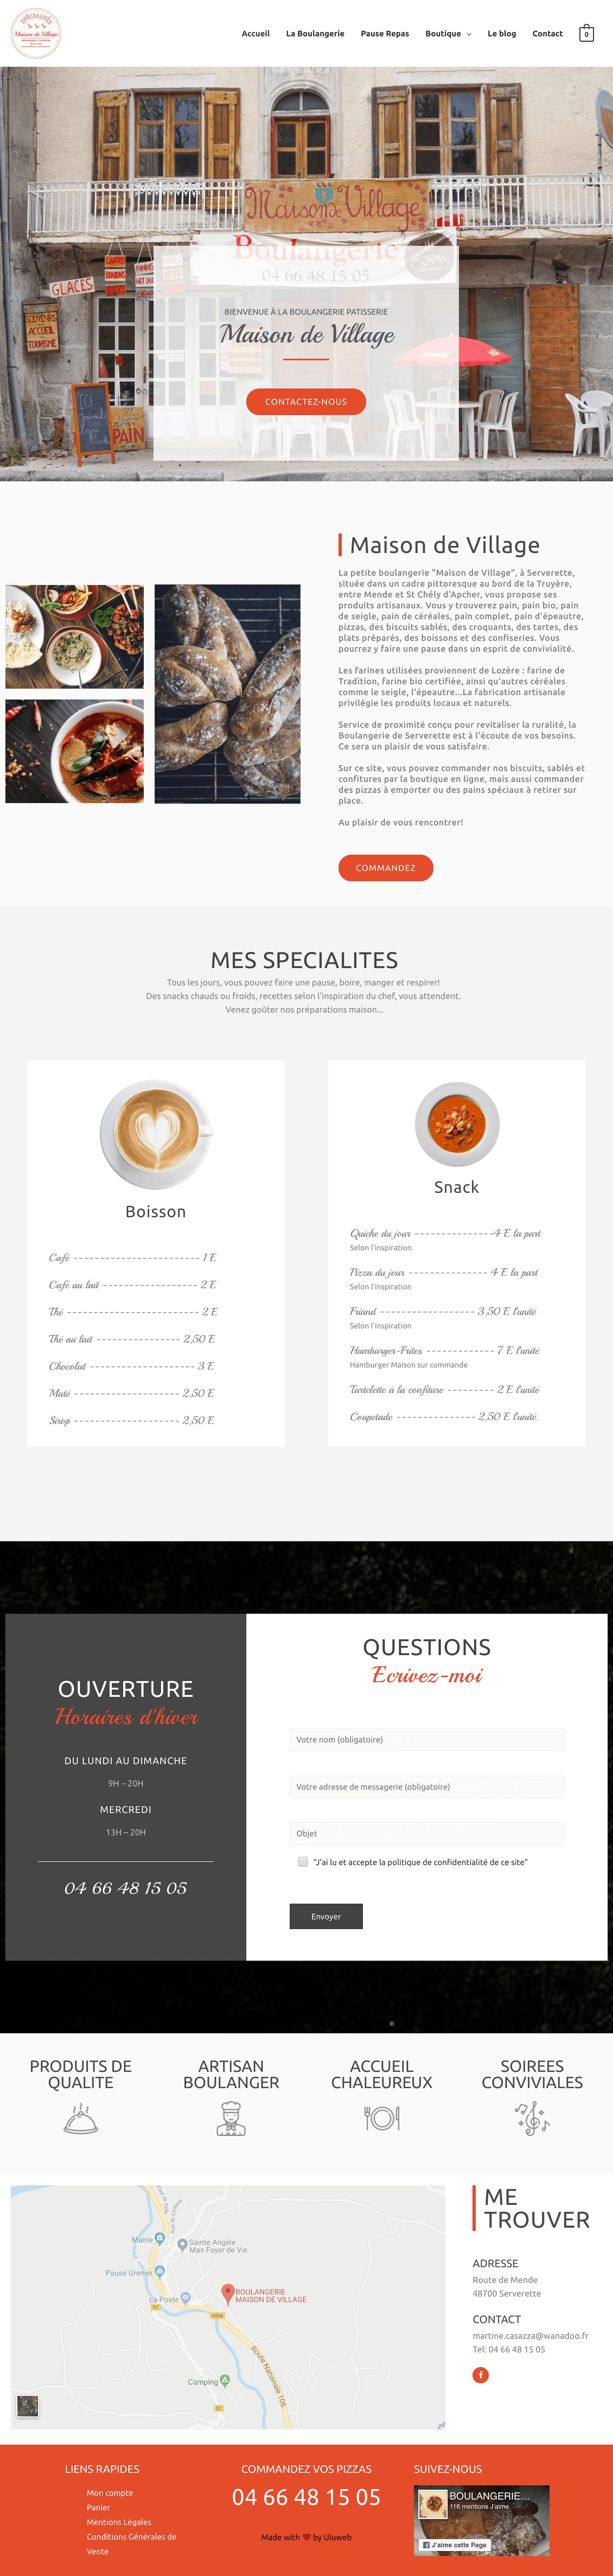 Refonte du site web de la boulangerie pâtisserie Maison de Village à Serverette